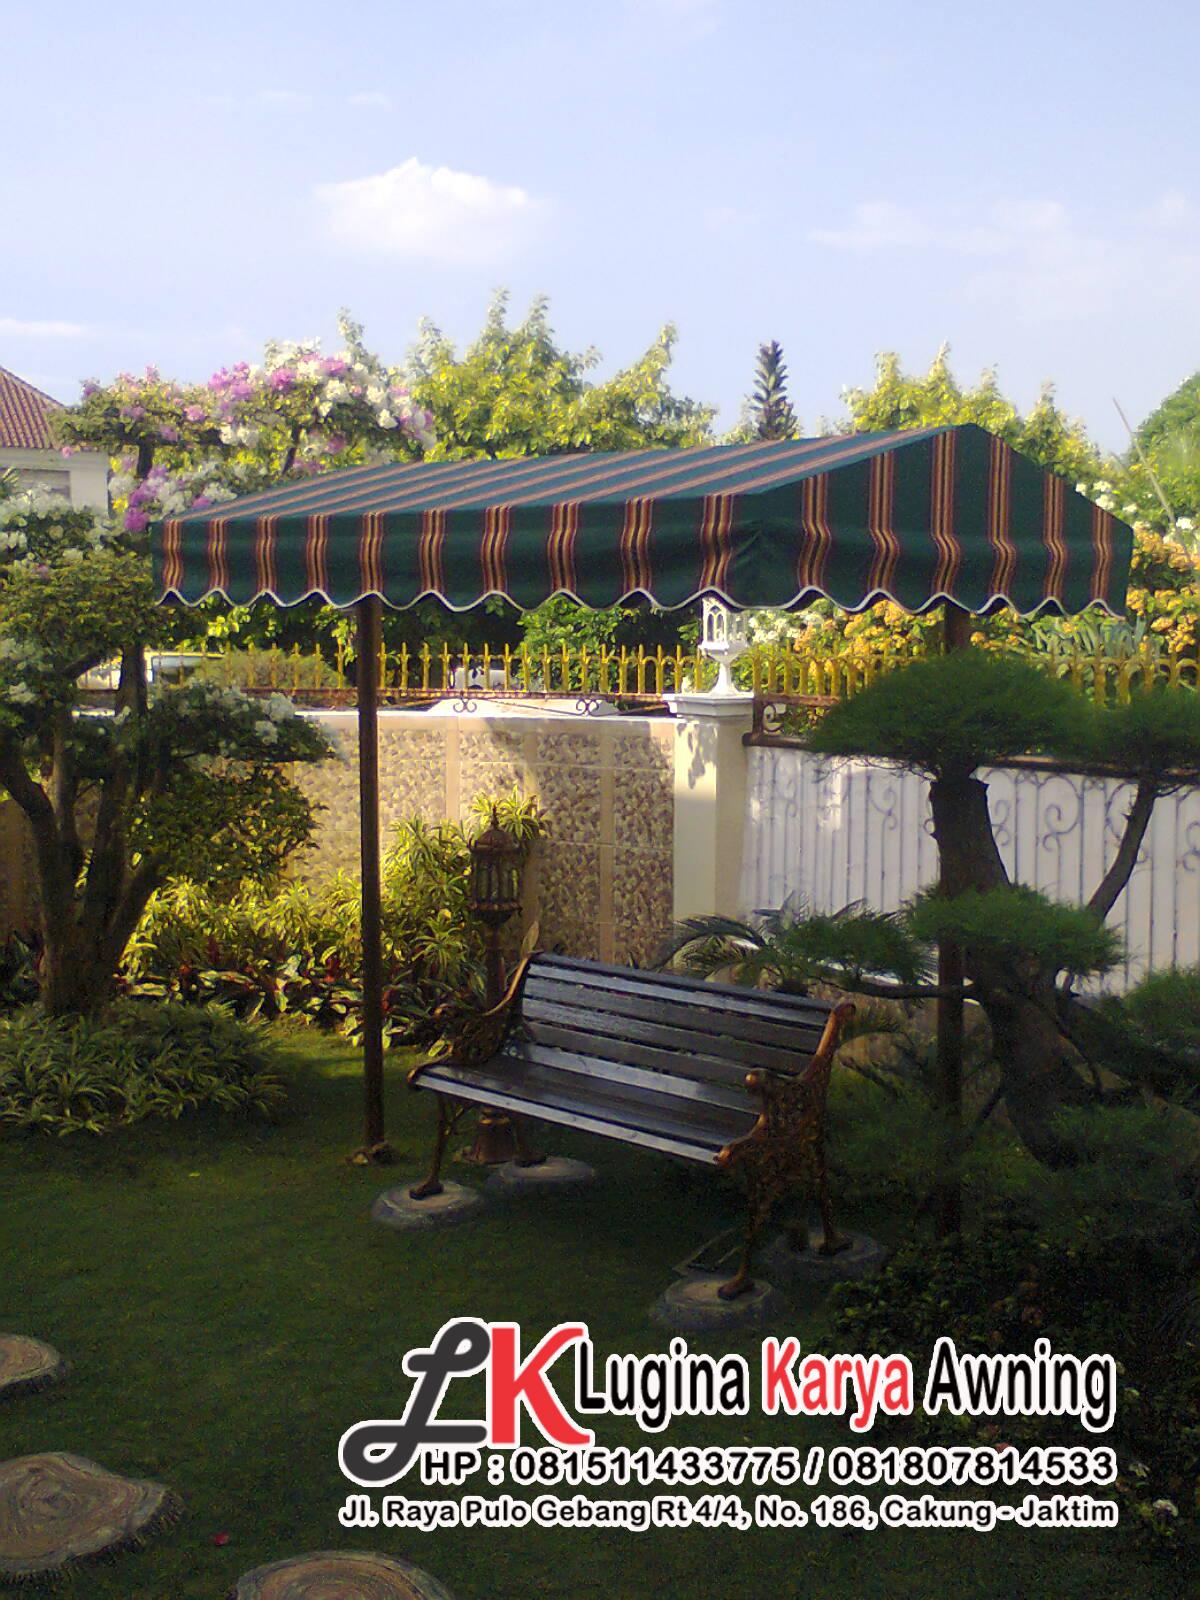 Canopy kain murah ala Lugina Karya Awning